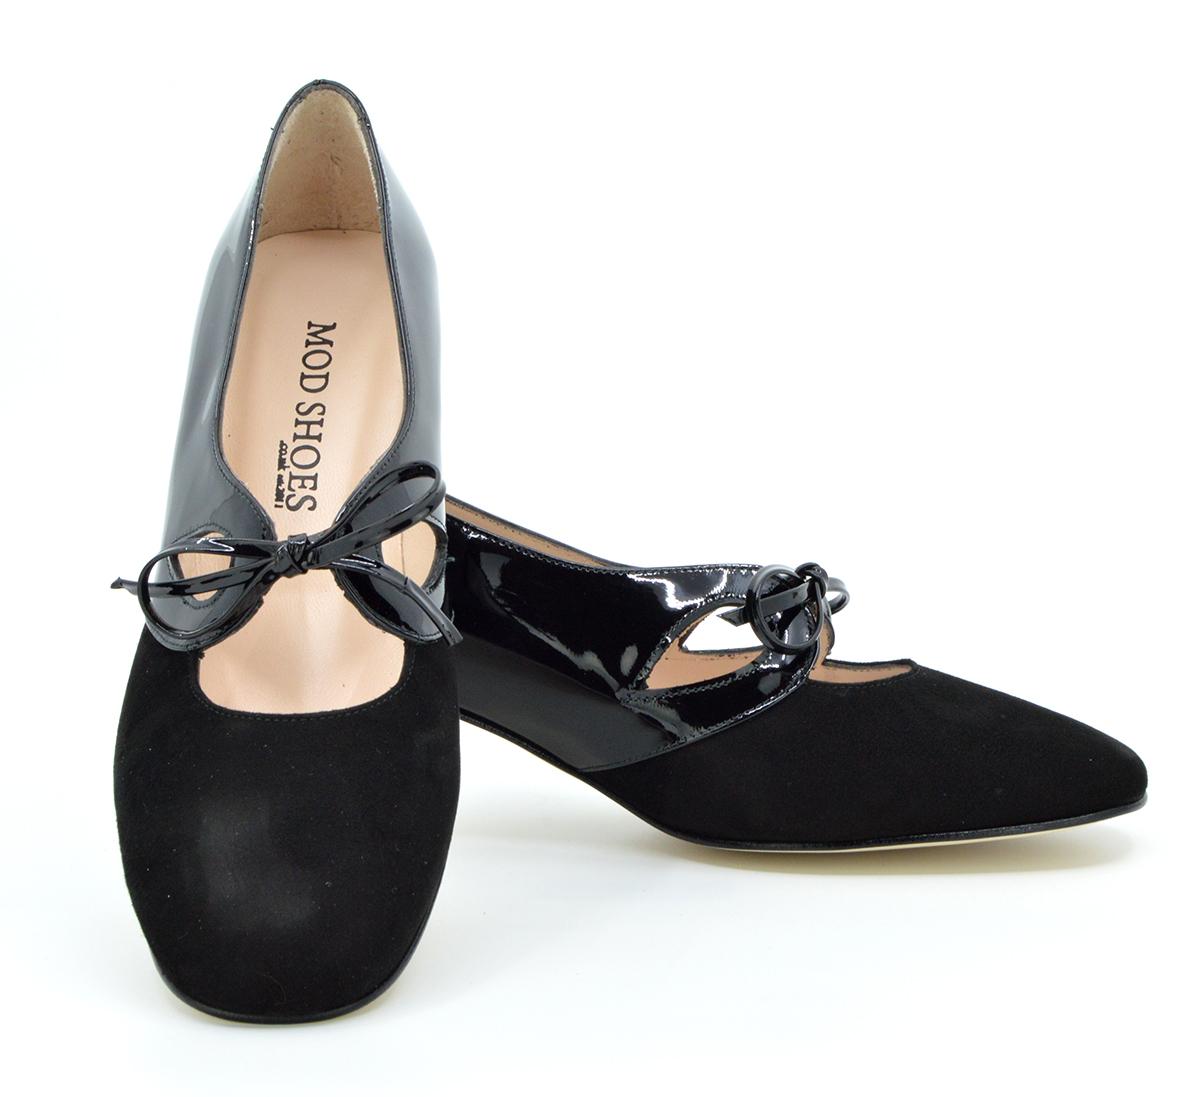 Ladies Retro T-Bar Shoe by Modshoes